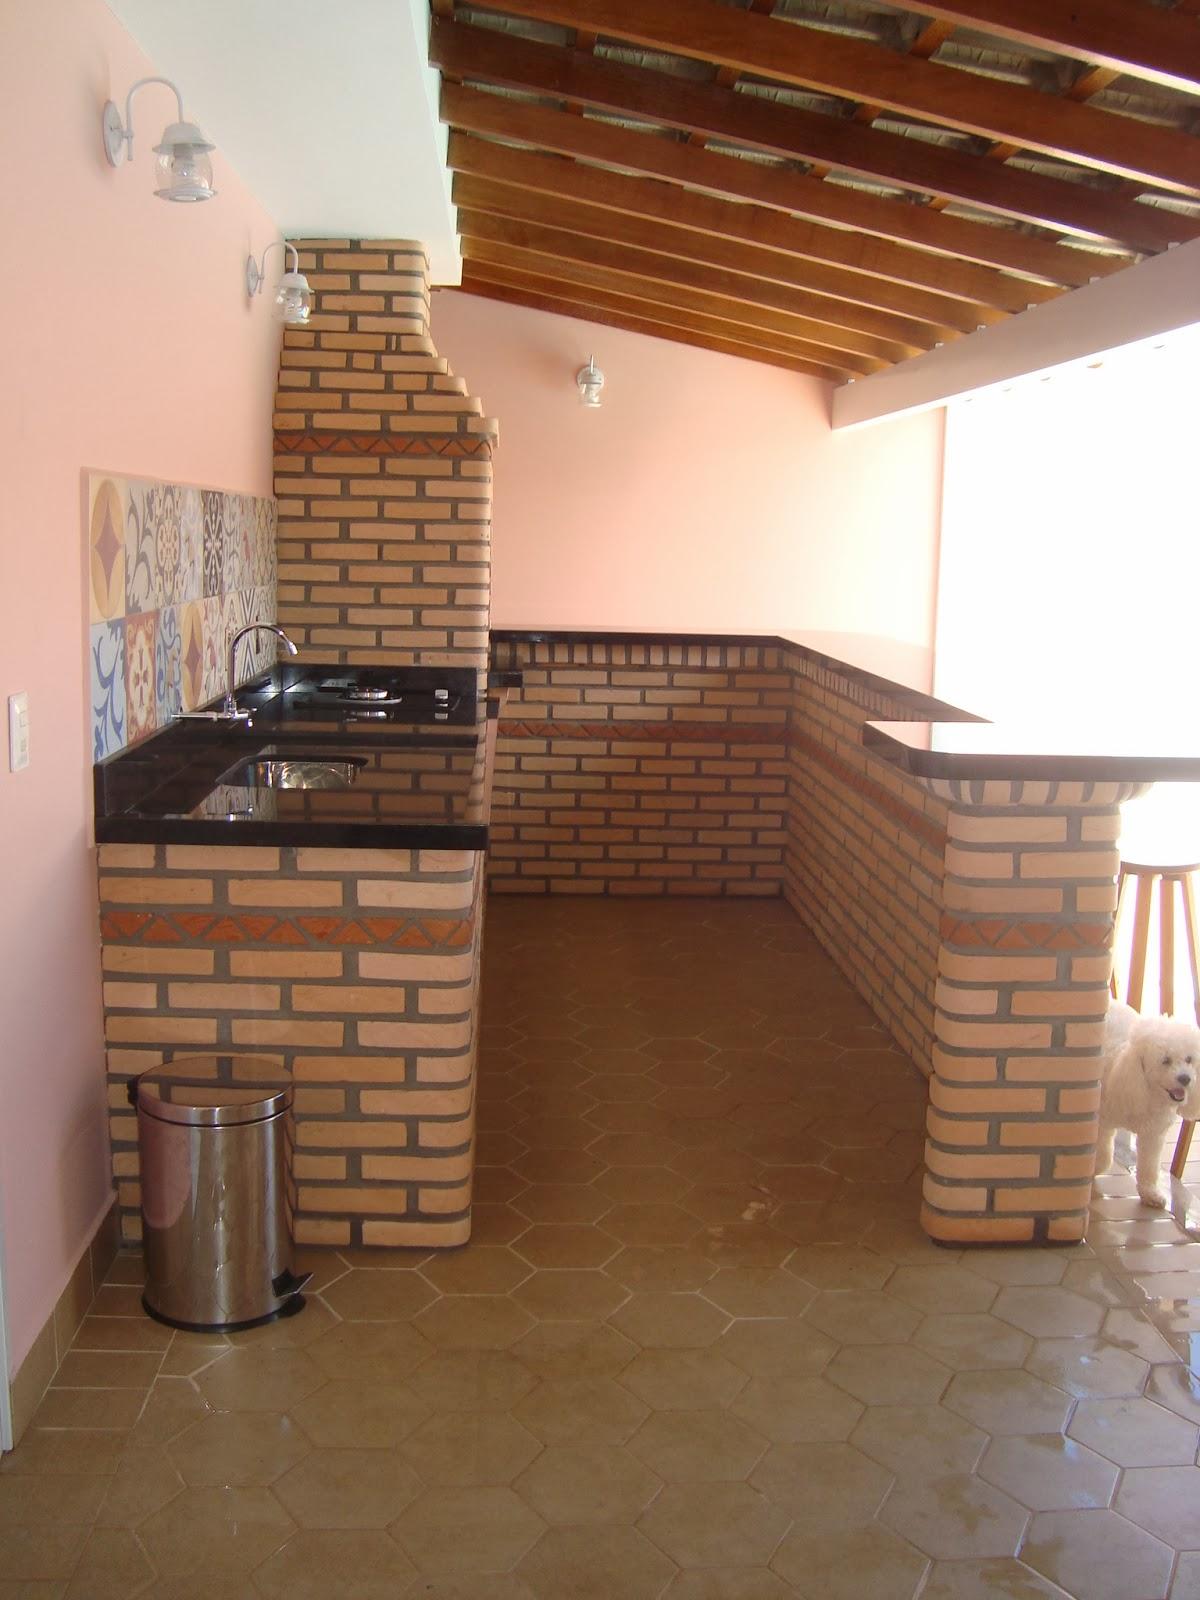 casa da Mi: Churrasqueira e Área de lazer  #995732 1200 1600